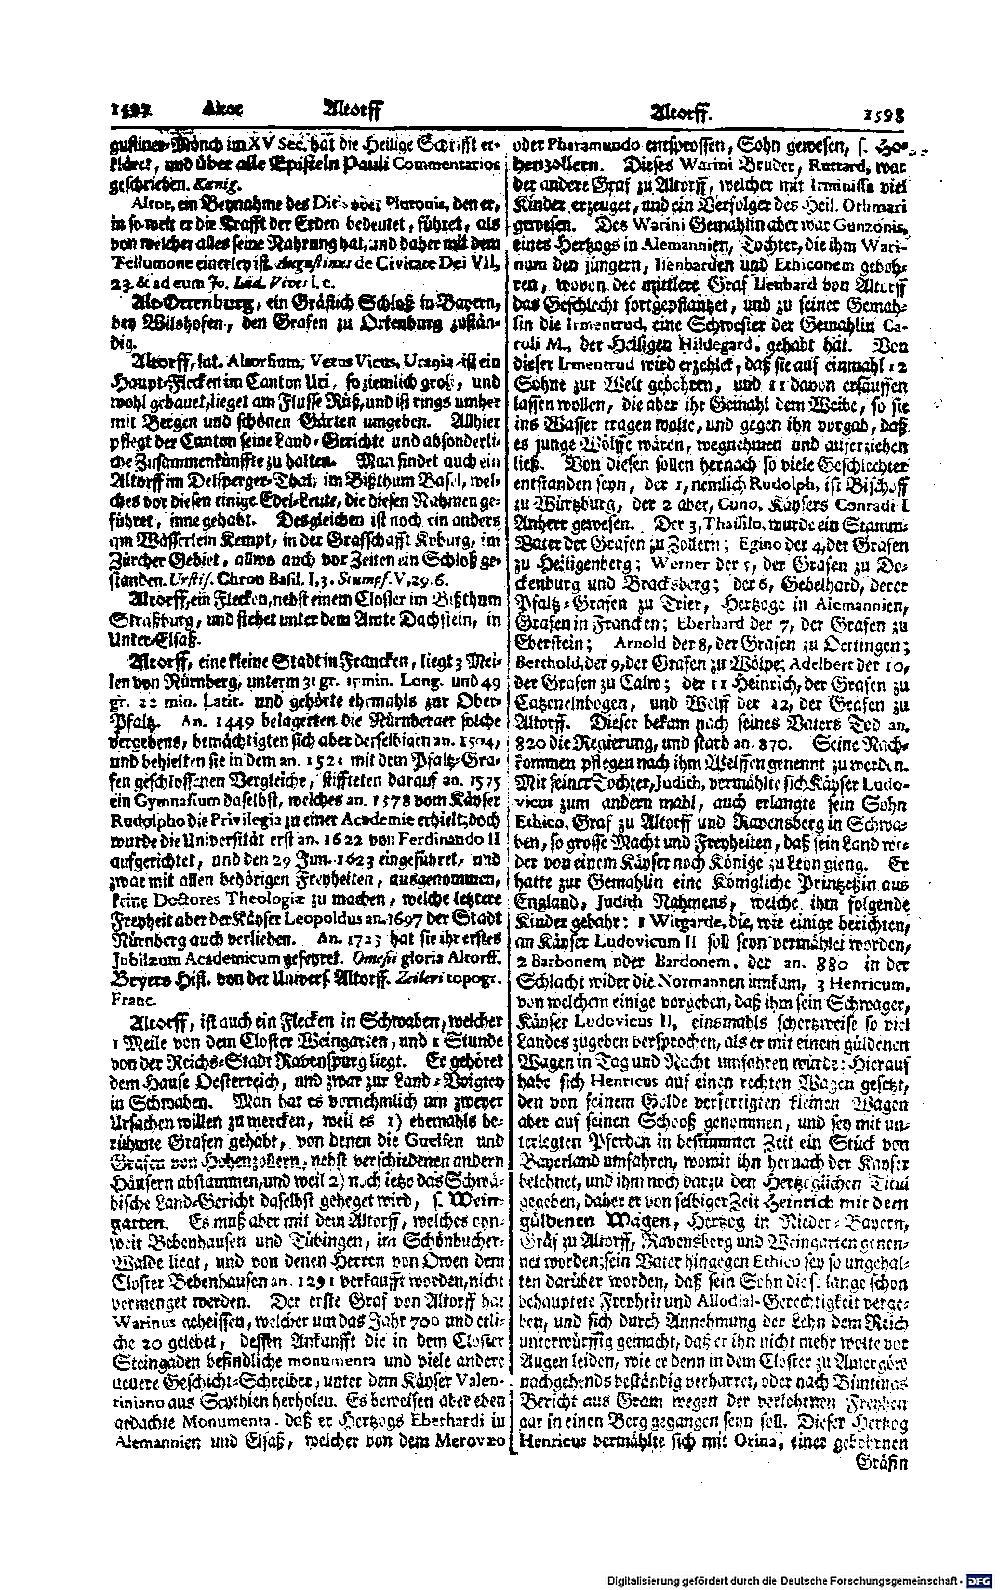 Bd. 01, Seite 0790.